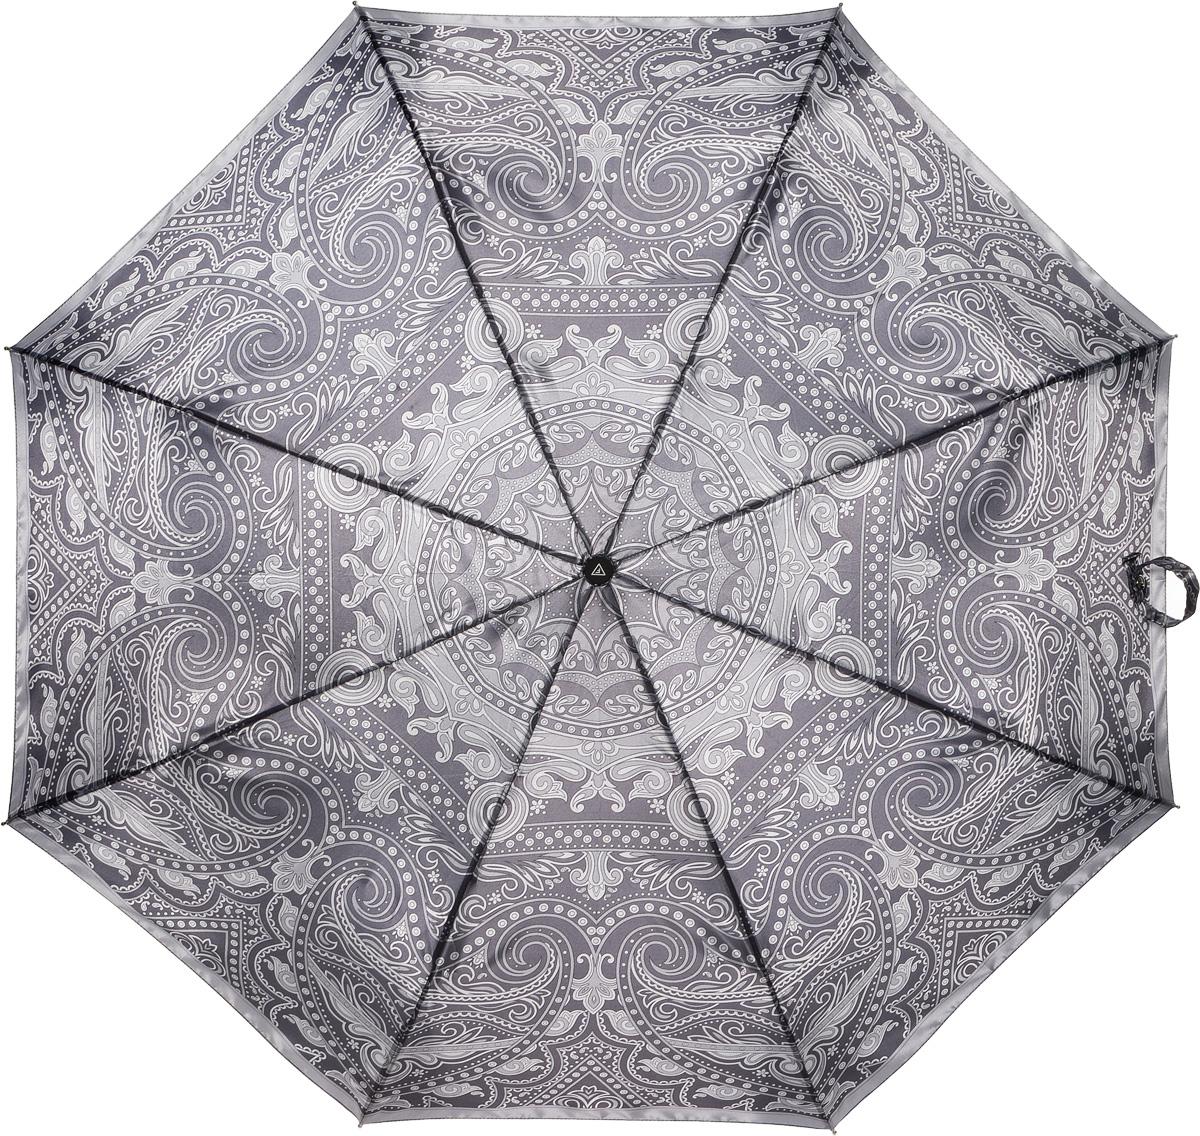 Зонт женский Fabretti, полный автомат, 3 сложения, цвет: серый. S-16100-4S-16100-4Зонт женский Fabretti, суперавтомат, 3 сложения, сатин